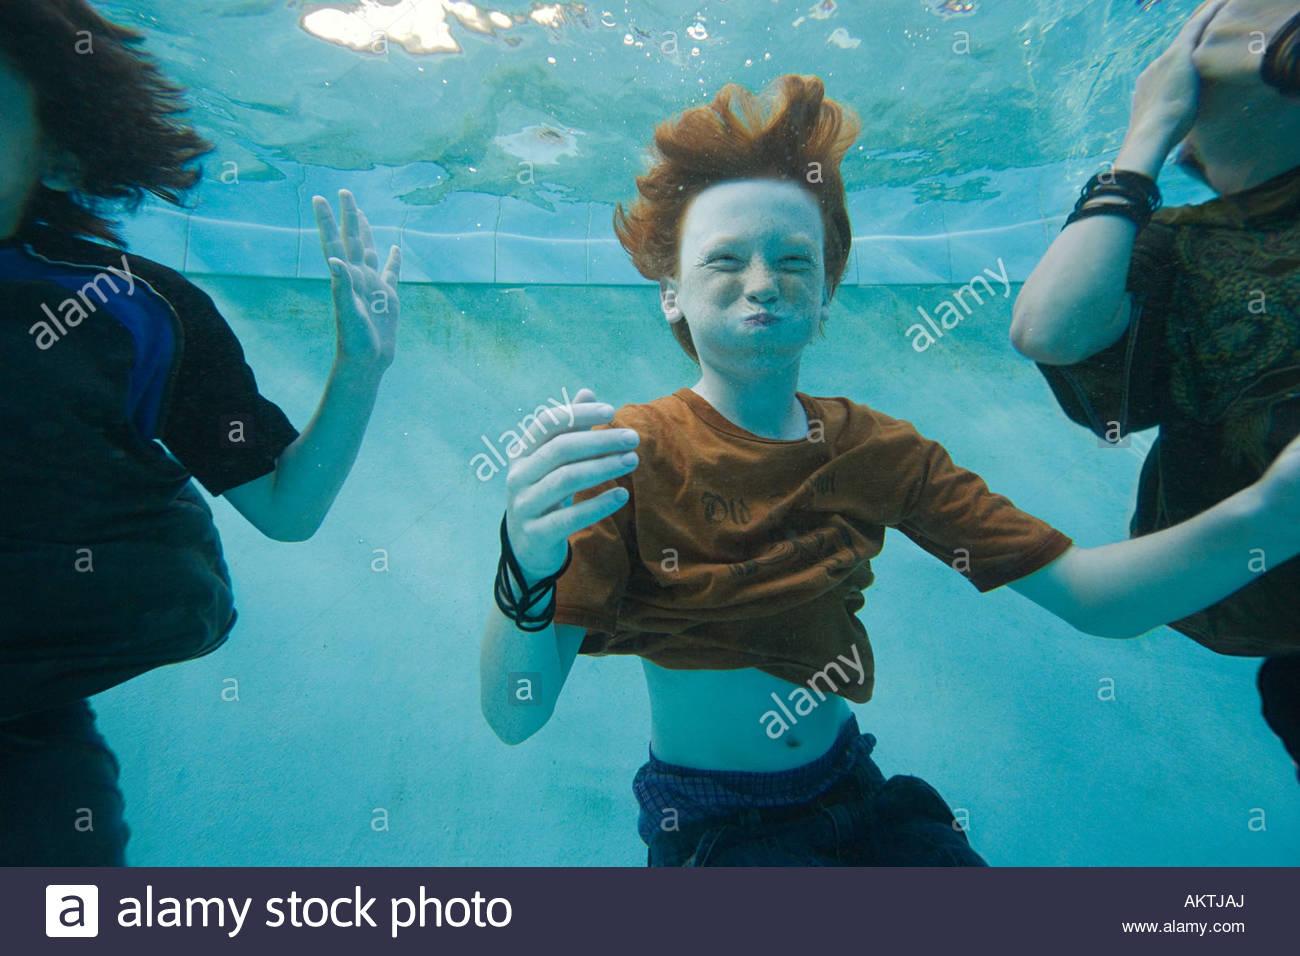 Jungen schwimmen unter Wasser Stockfoto